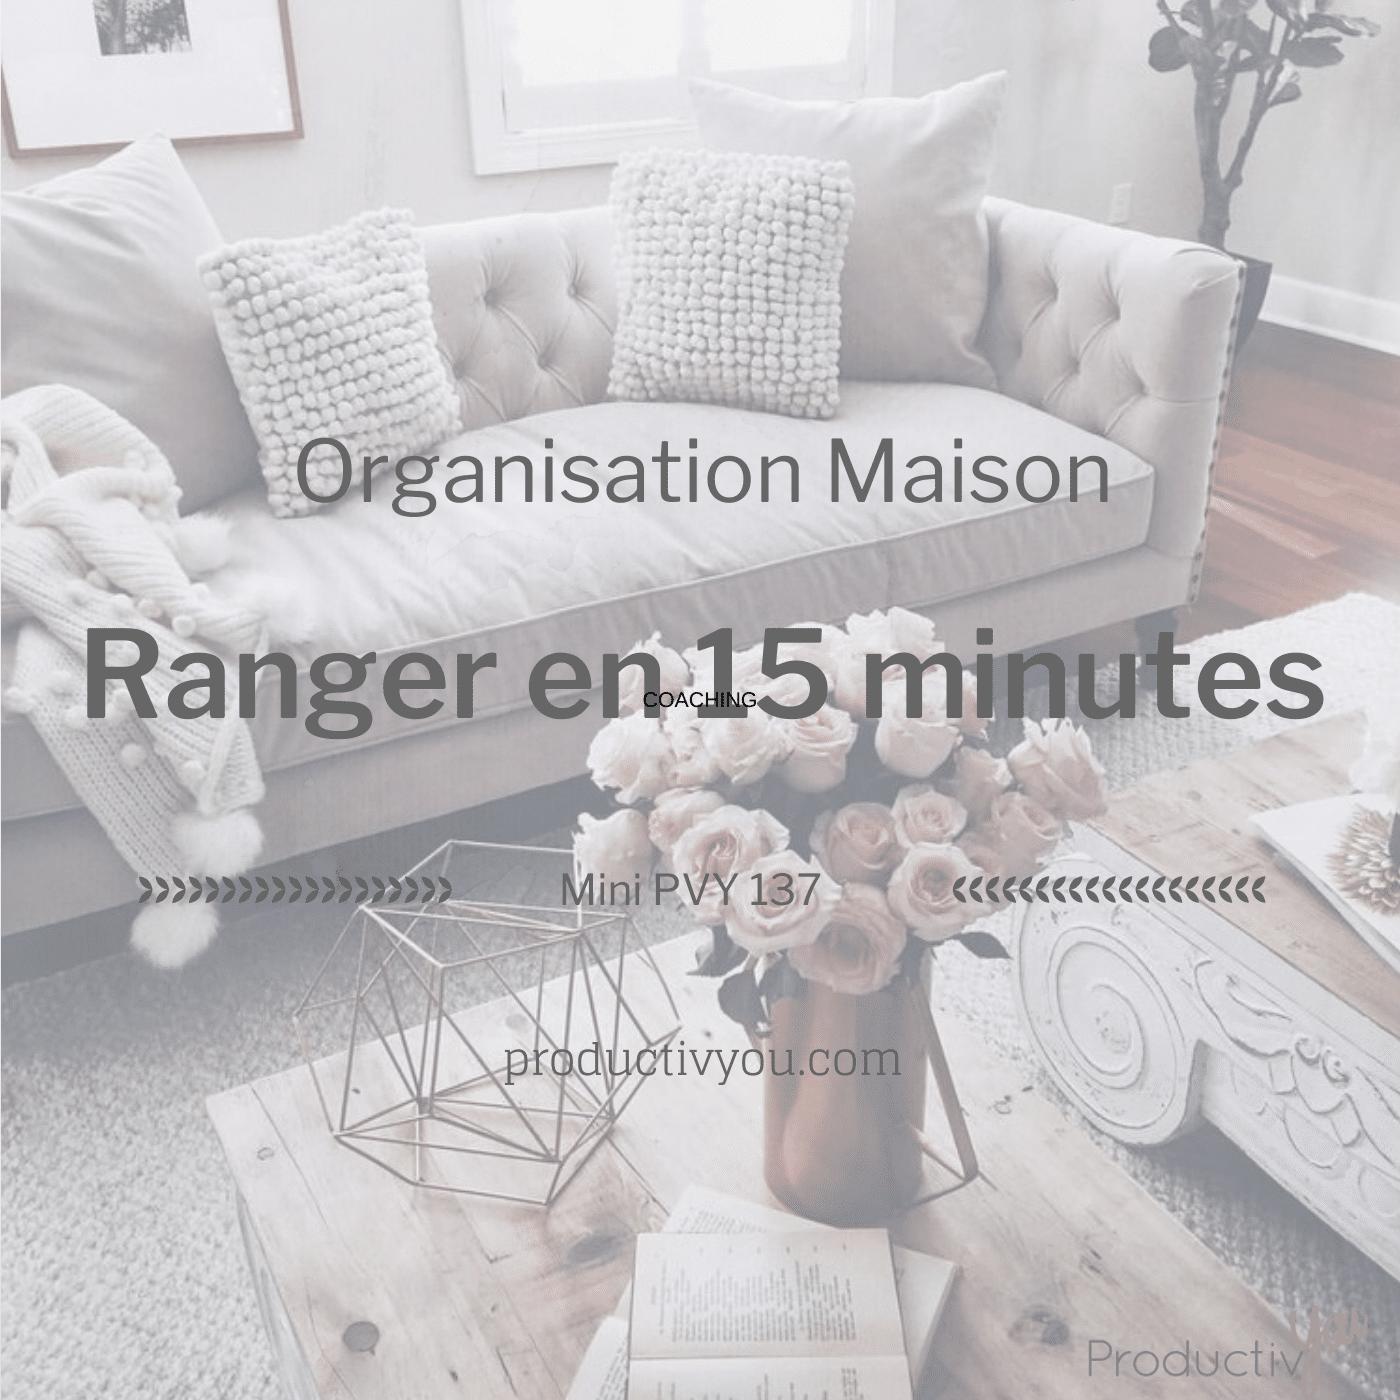 Comment Ranger Sa Maison ranger sa maison en 15 minutes par jour - productiv' you!